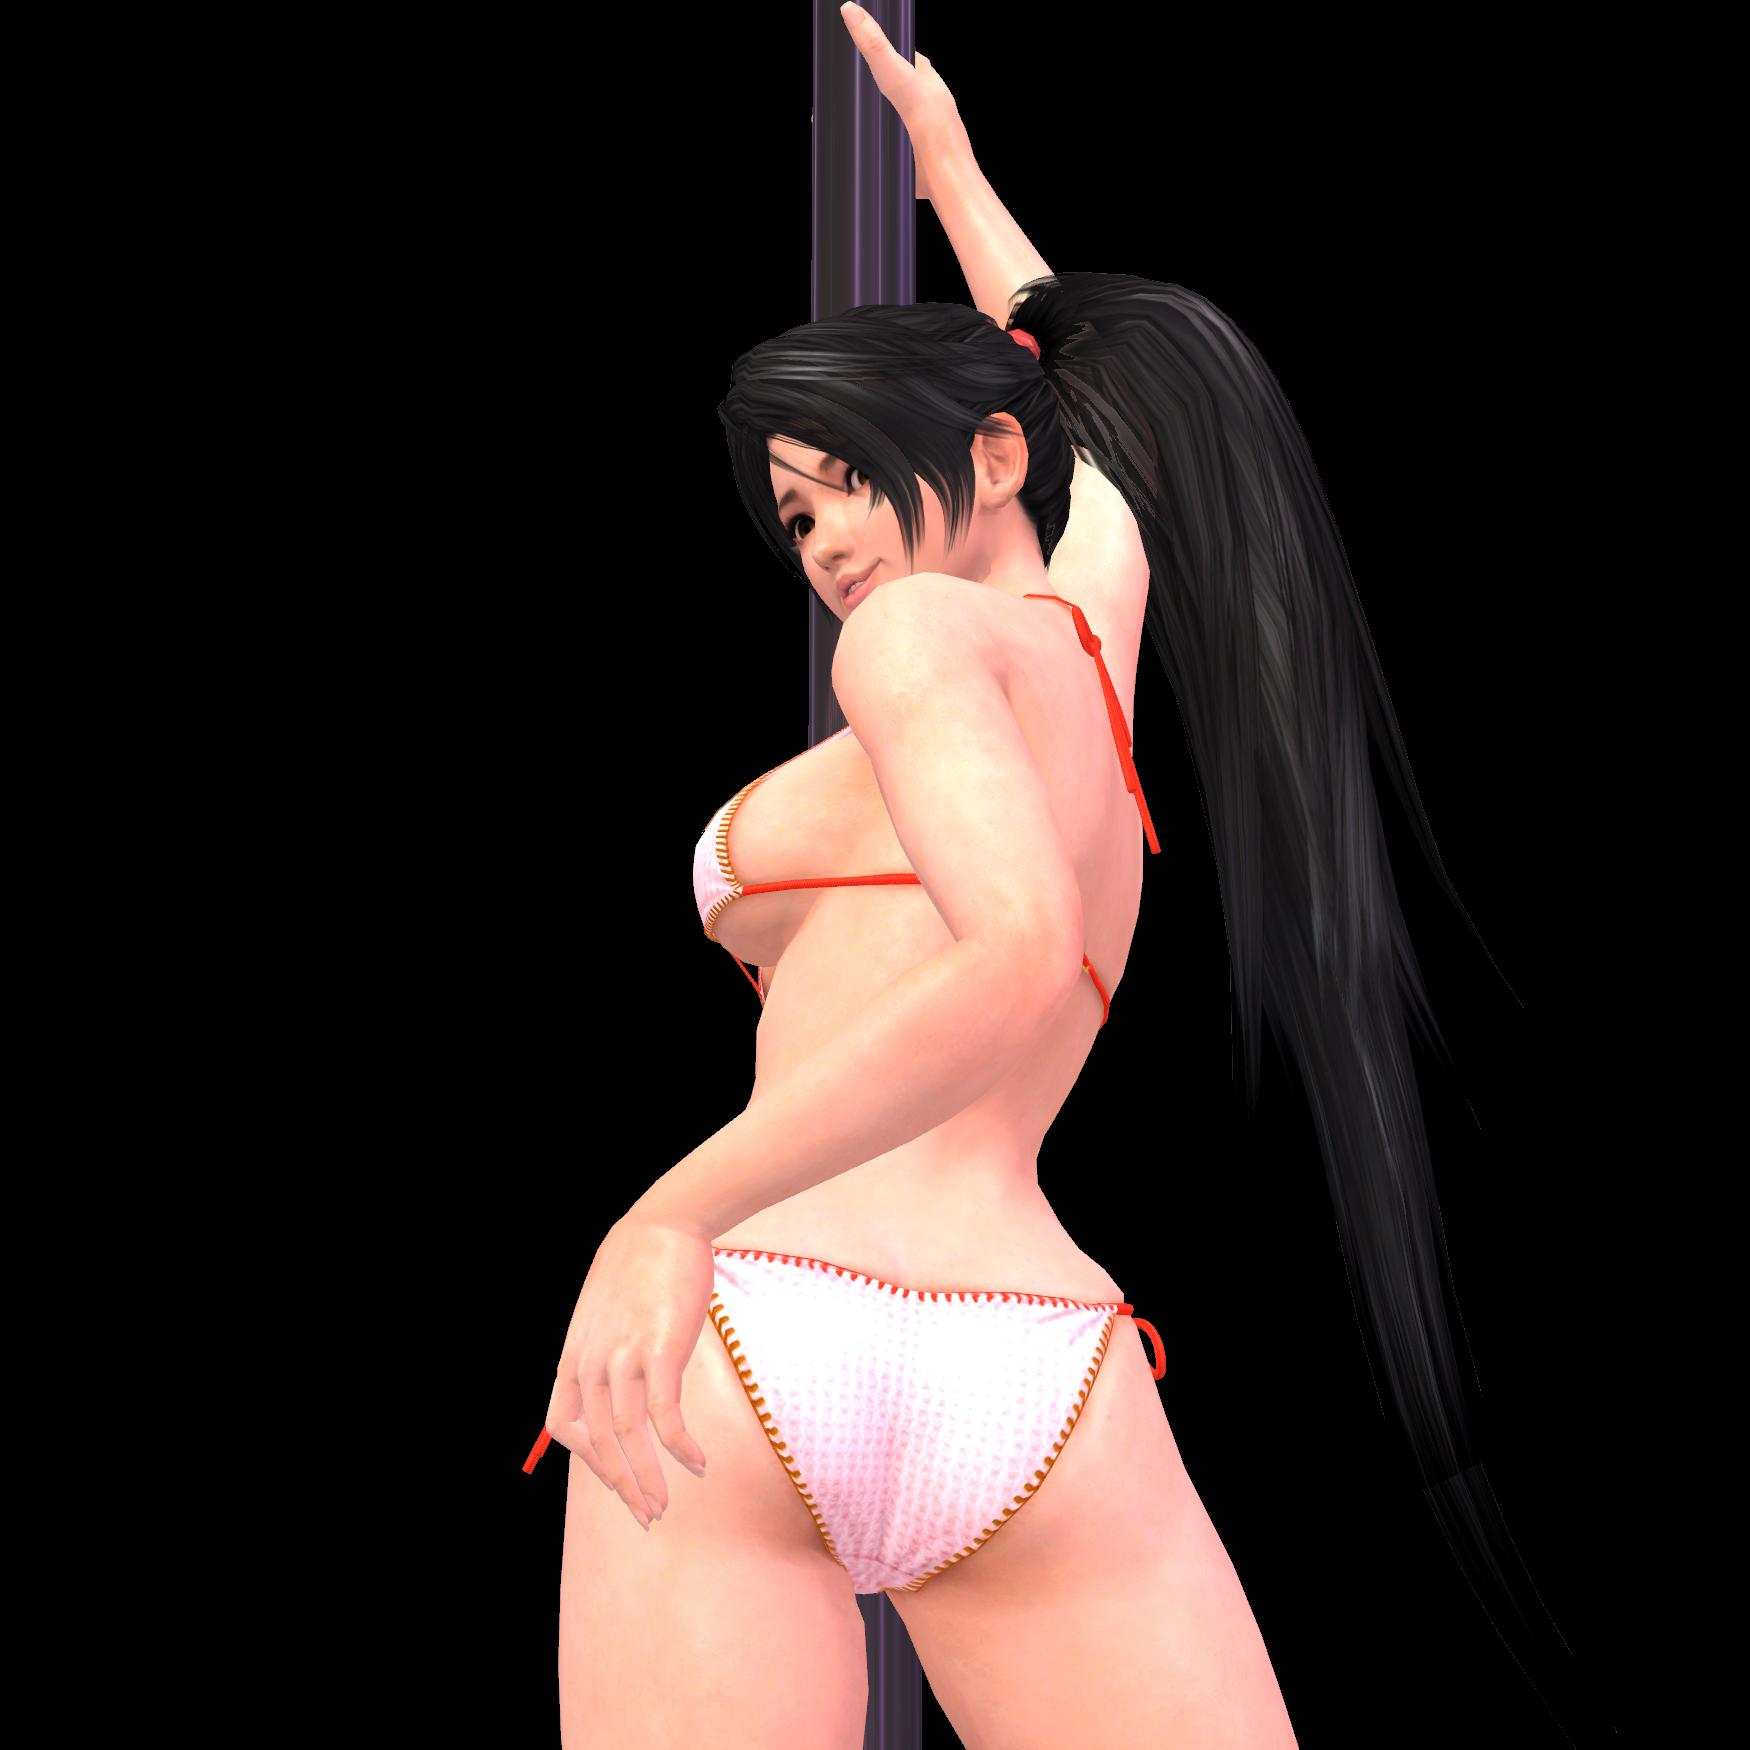 Kokoro 3d dancing doa bouncing boobs 5